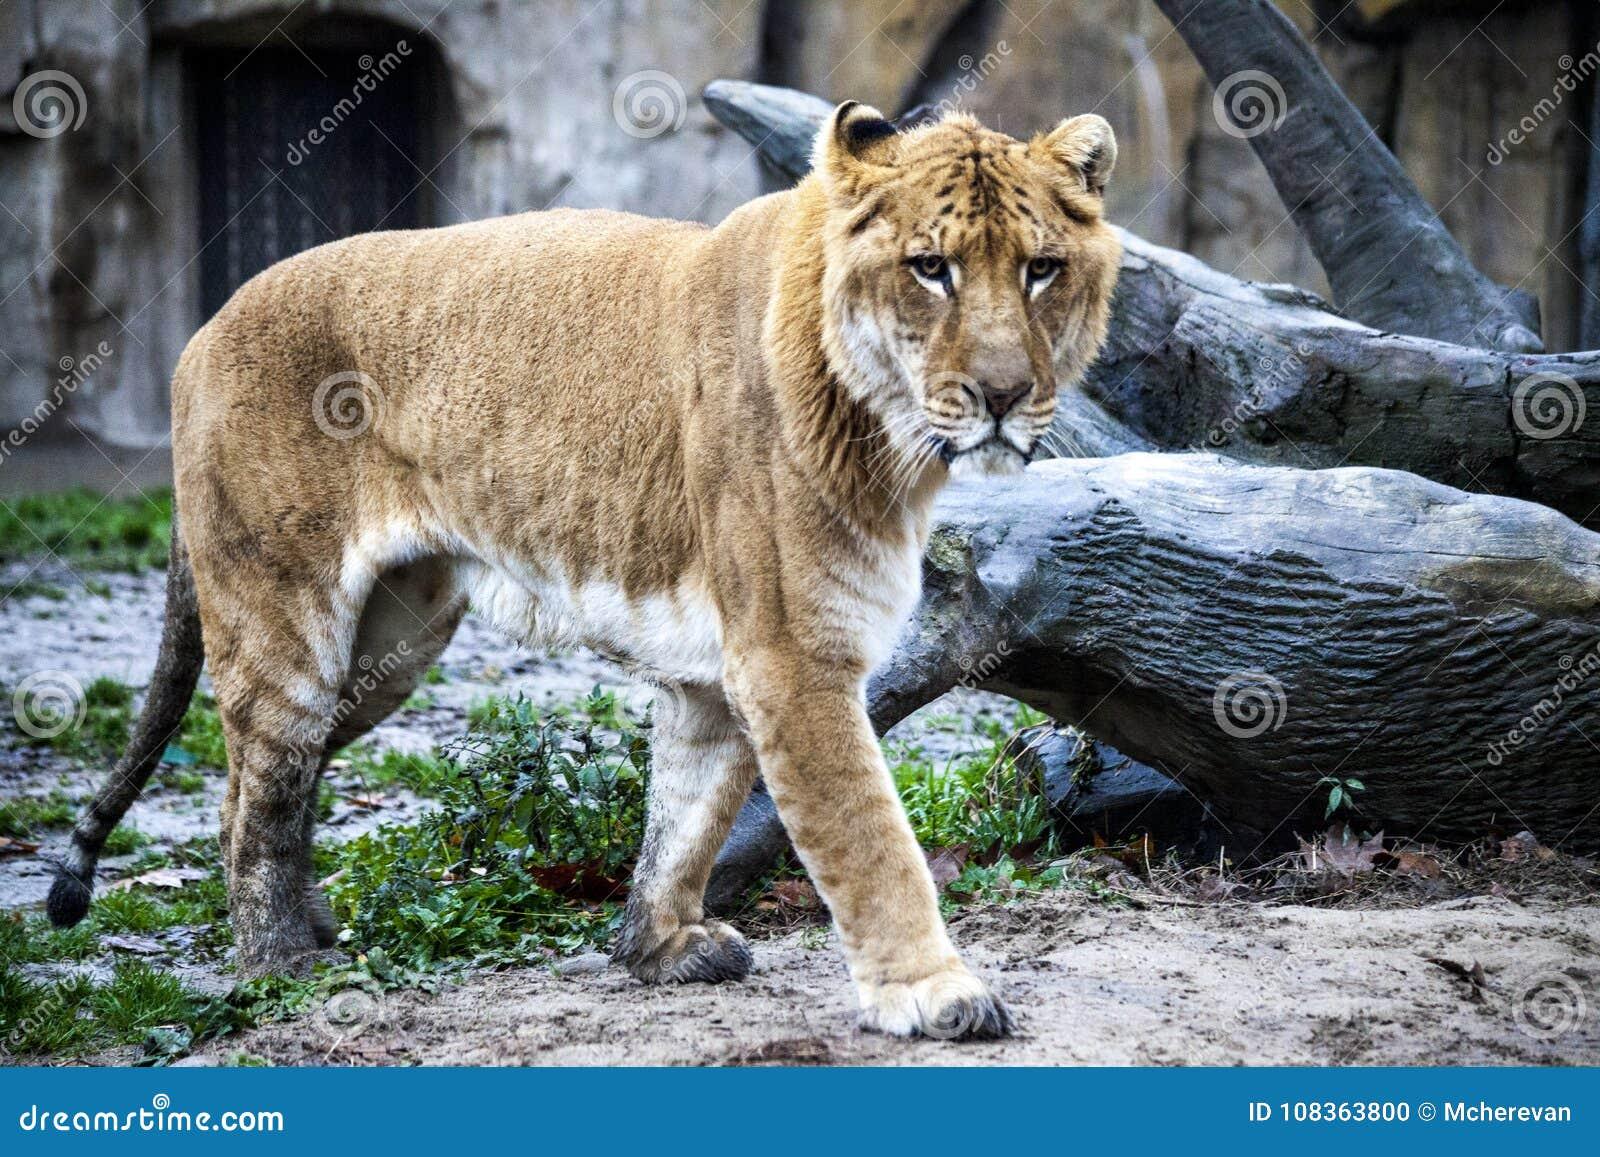 Biały liger dla spaceru w zoo wolierze Ligr Hybryd lew i tygrys Wielki męski ligra